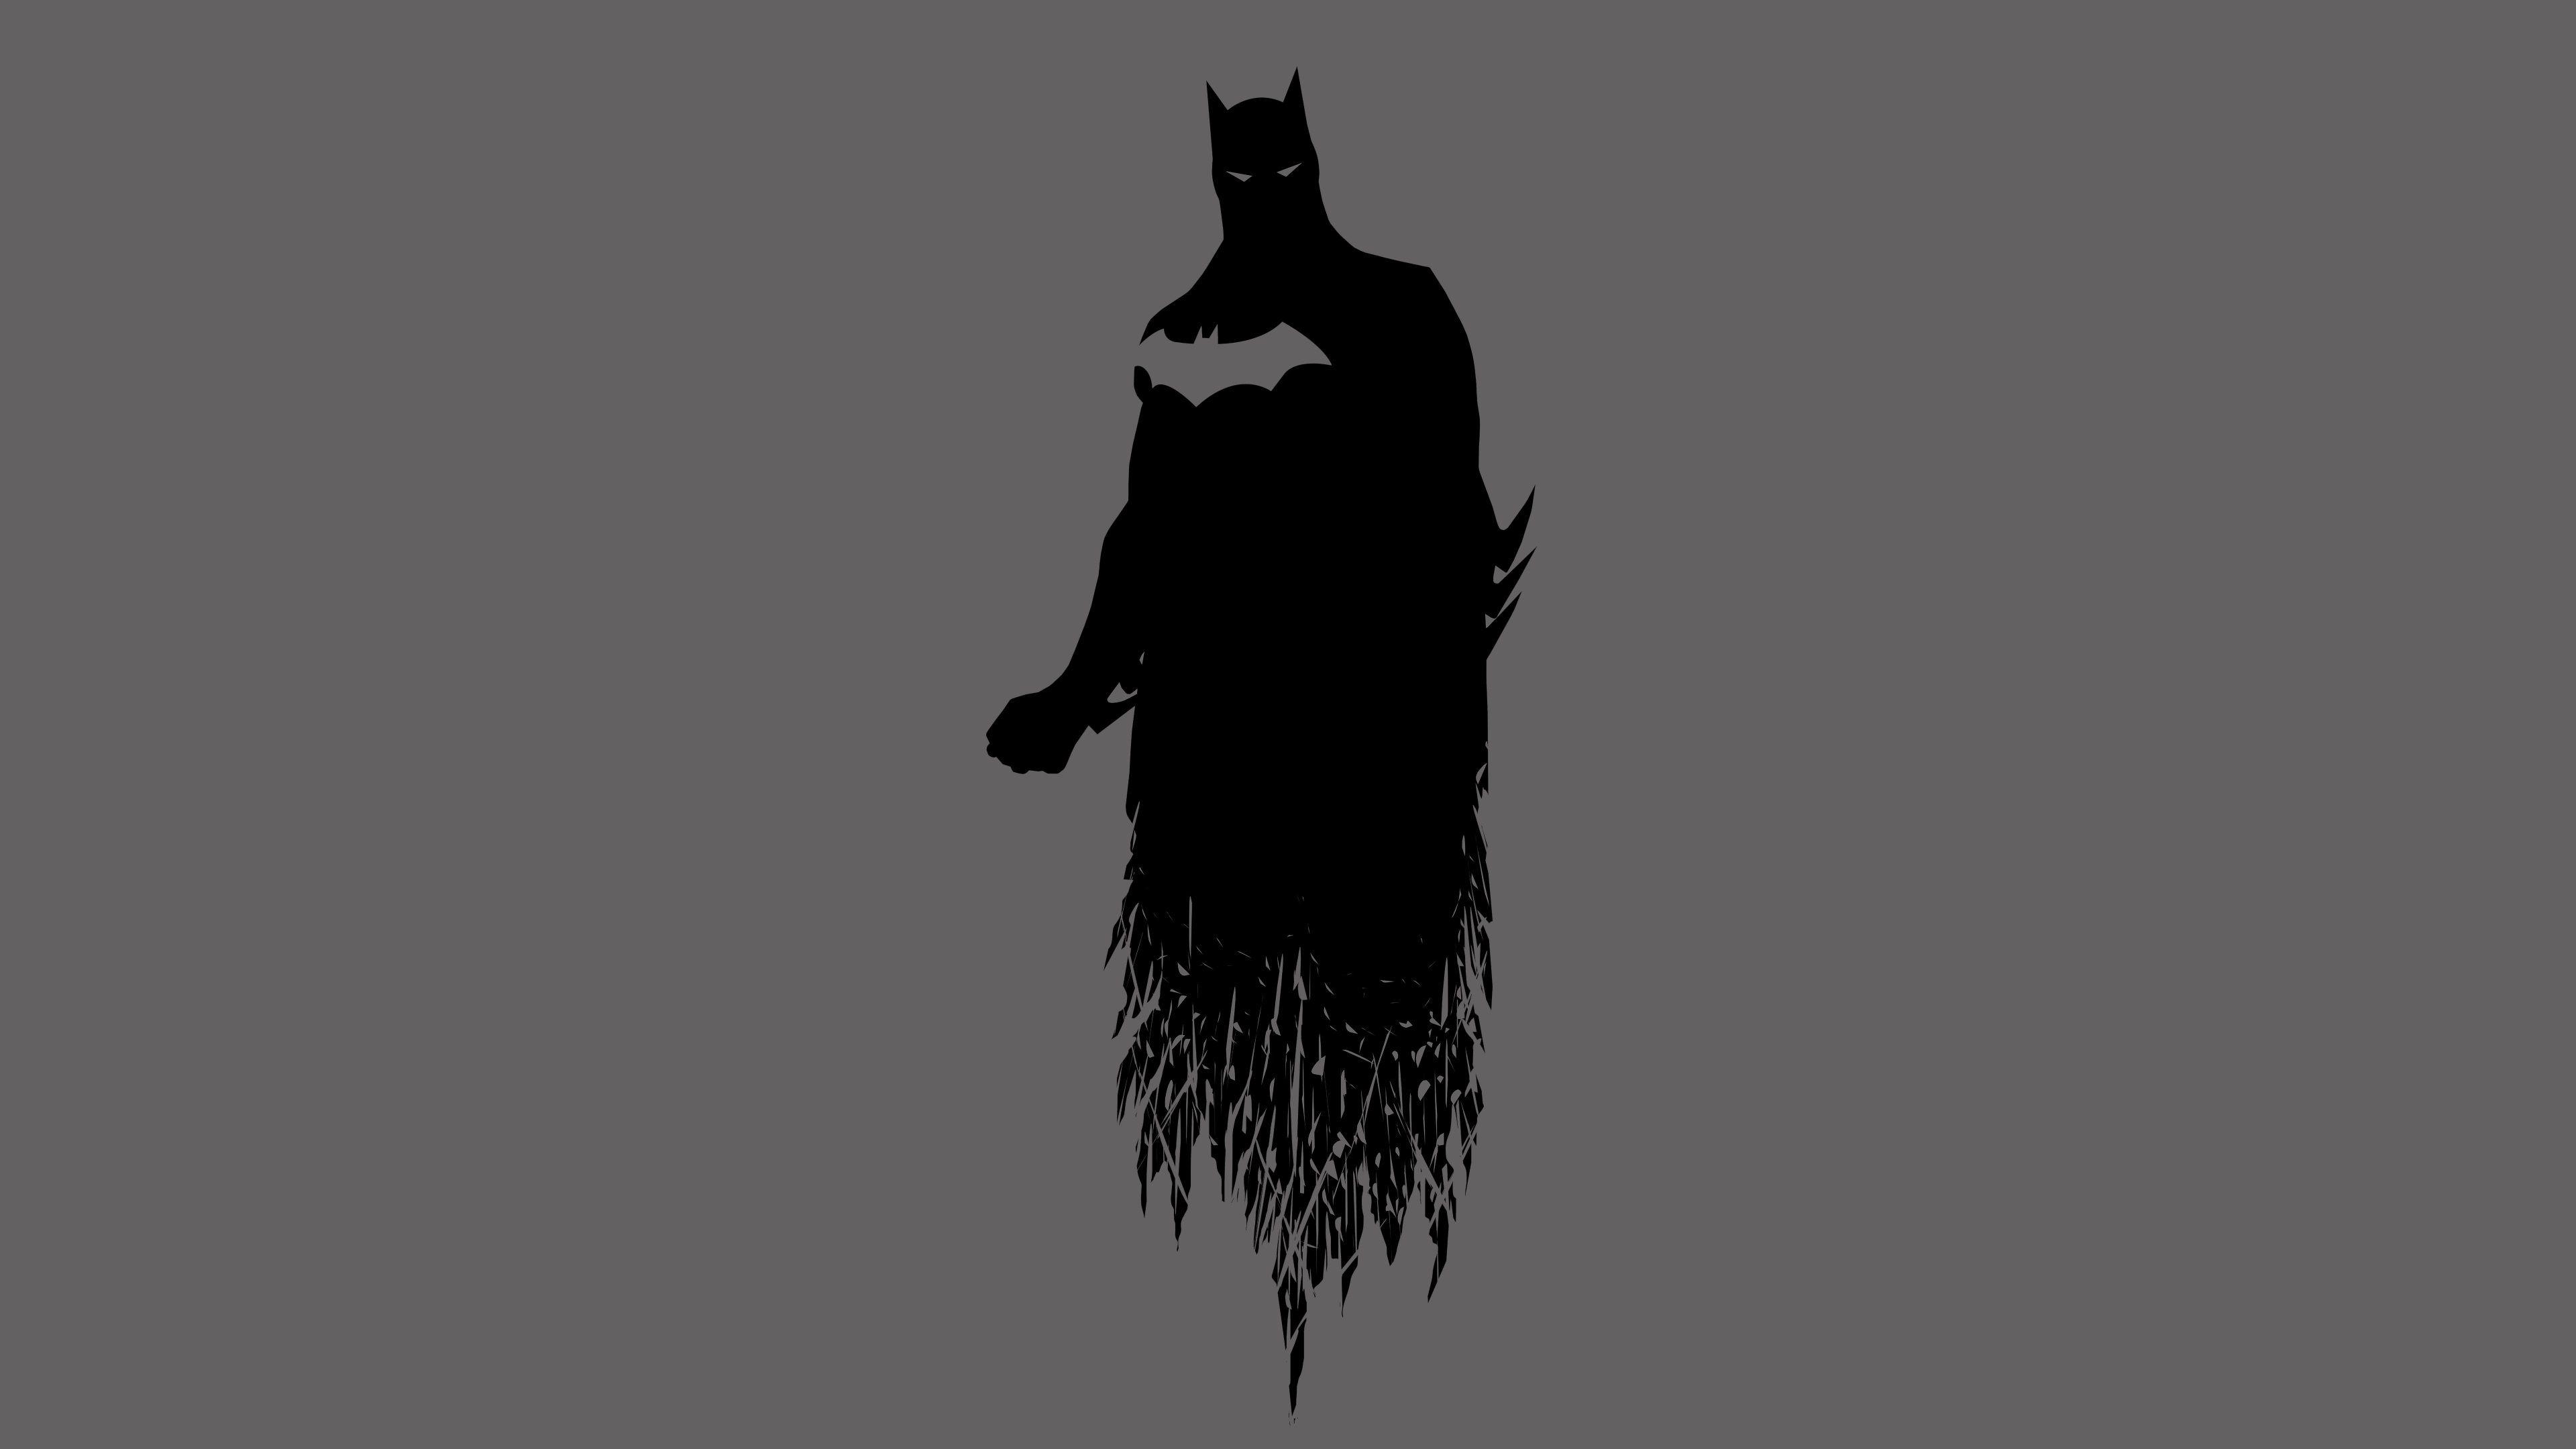 3840x2160 batman 4k computer wallpaper hd Batman